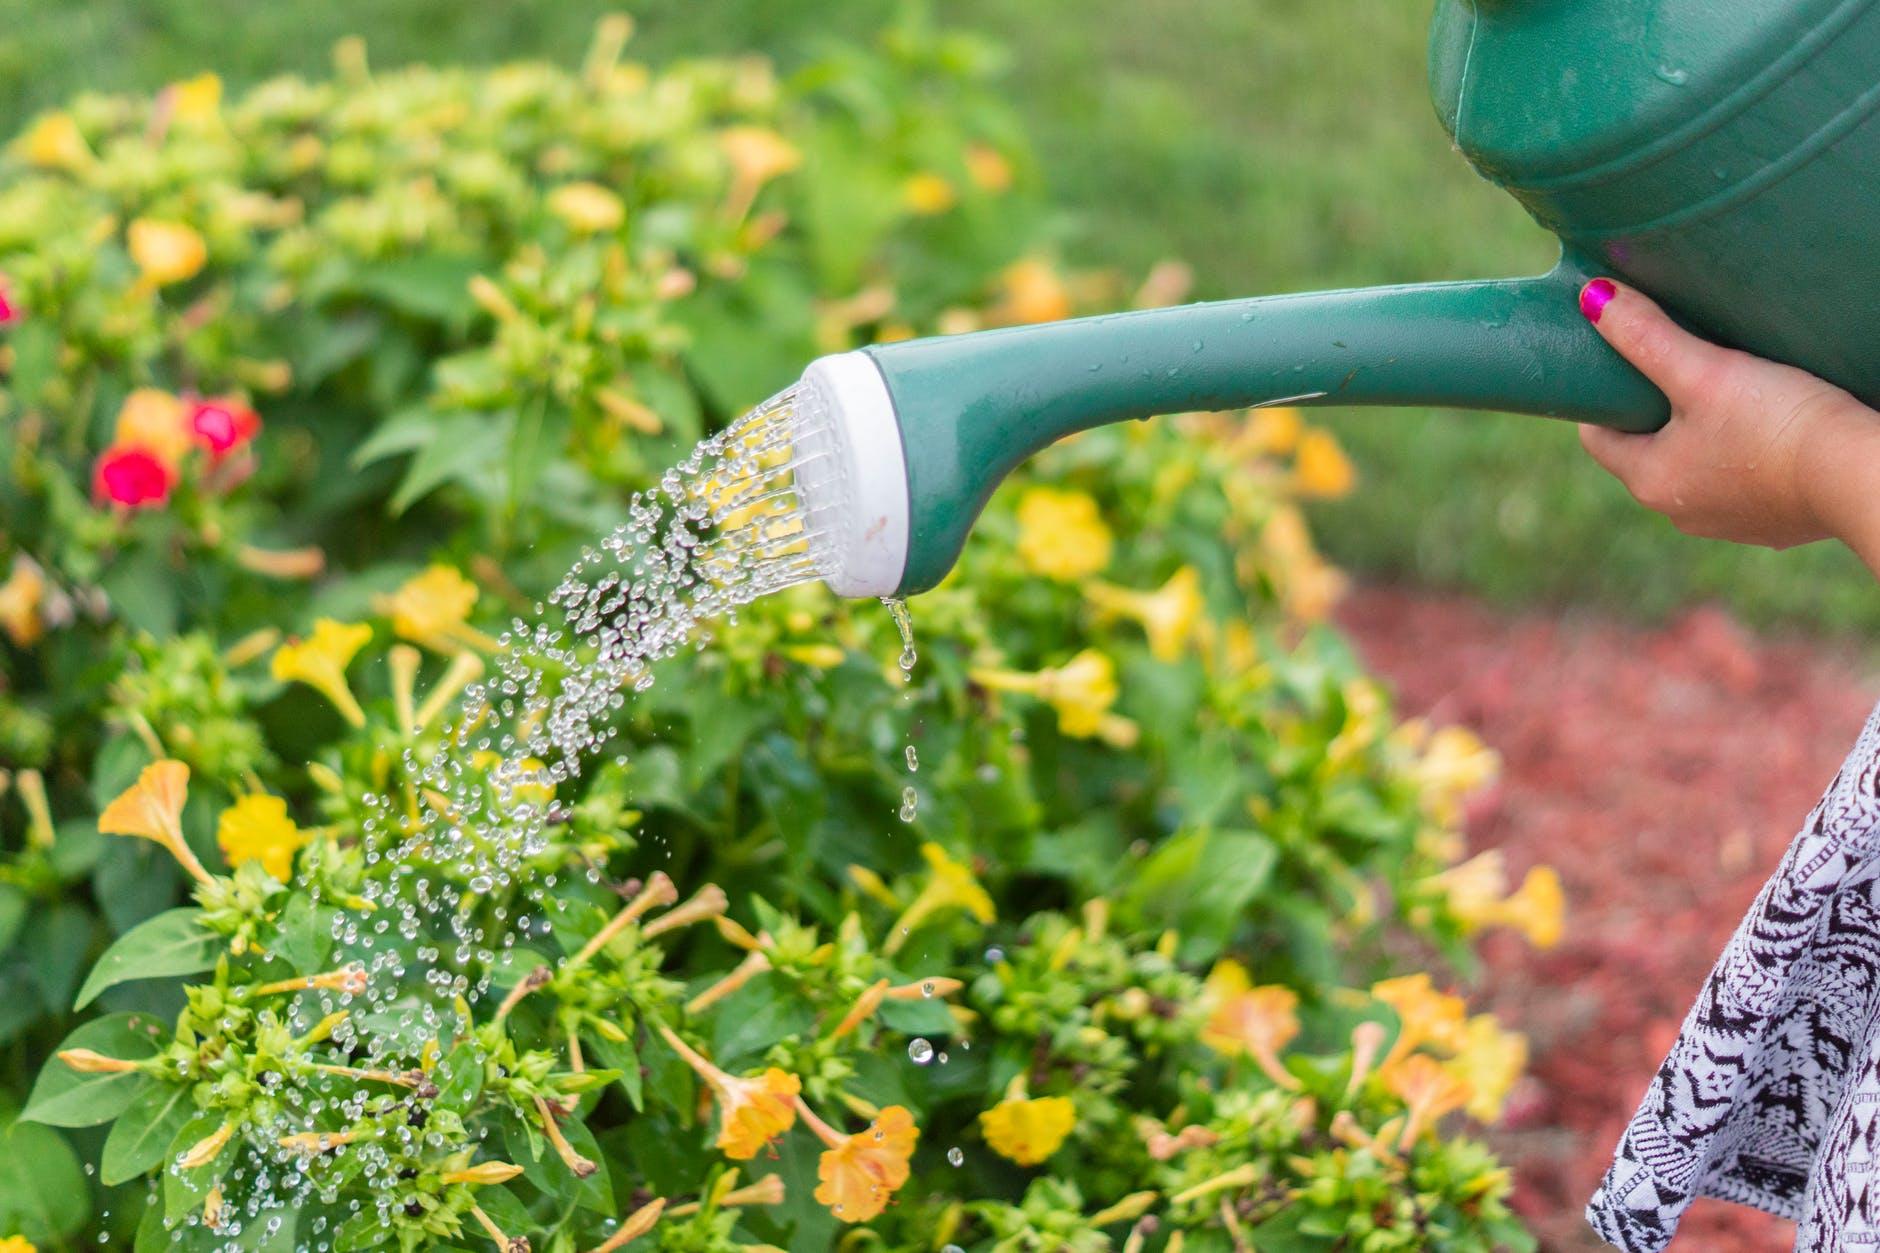 how often should you water your garden